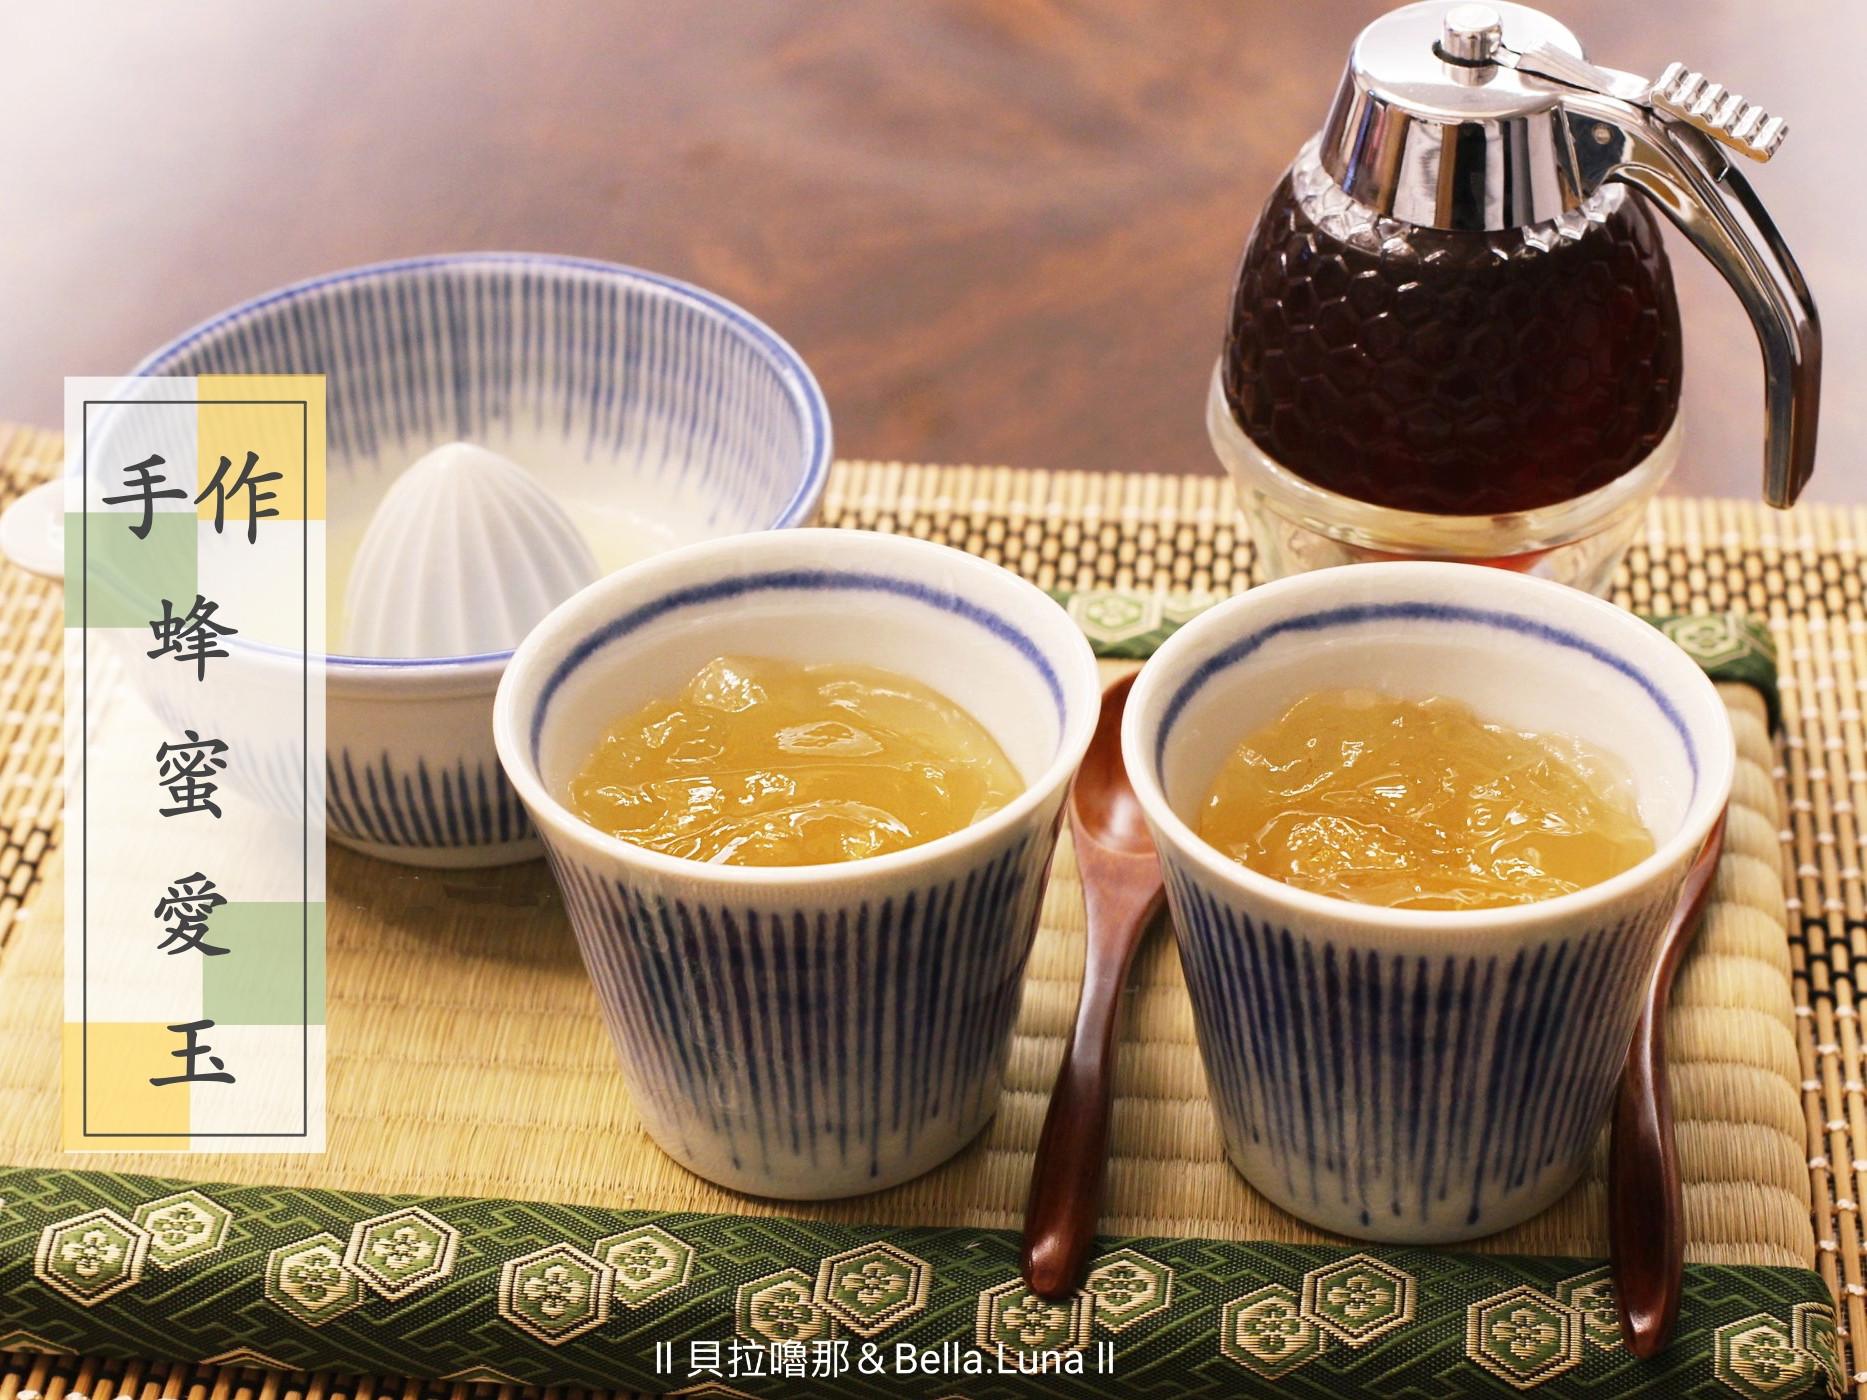 檸檬蜂蜜愛玉 - 5分鐘自製低脂消暑涼品